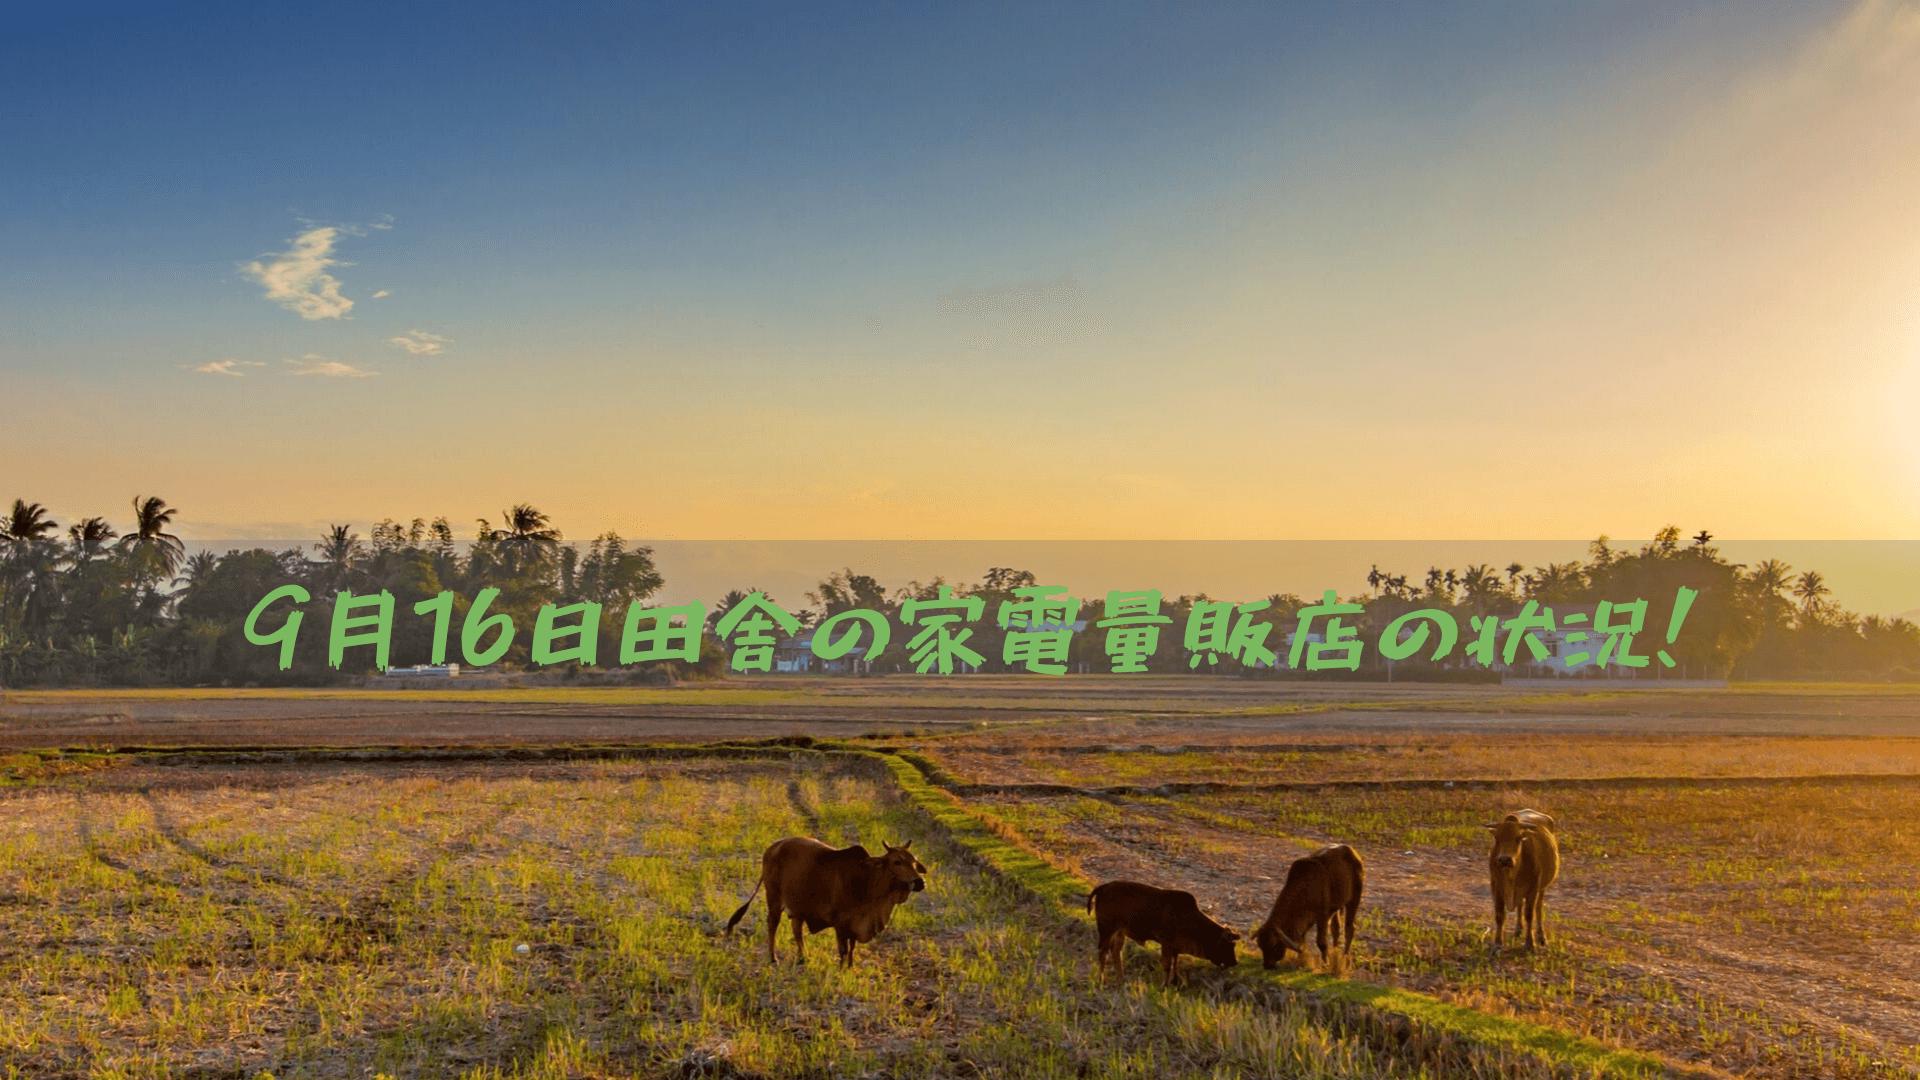 9月16日田舎の家電量販店の状況!